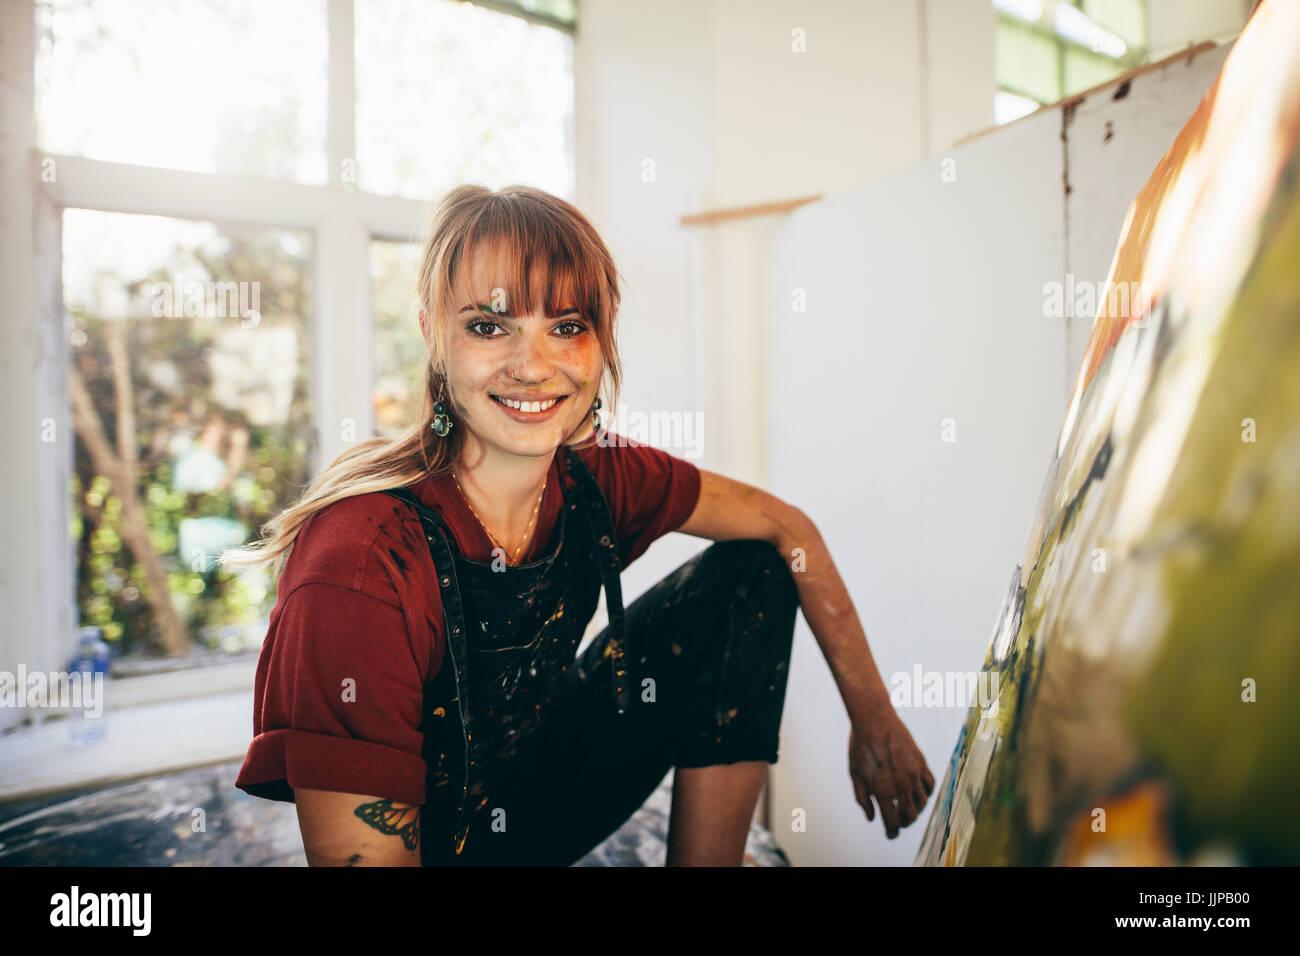 Interiores de filmación profesional pintor femenino en el estudio. Mujer artista haciendo una pintura sobre lienzo Foto de stock